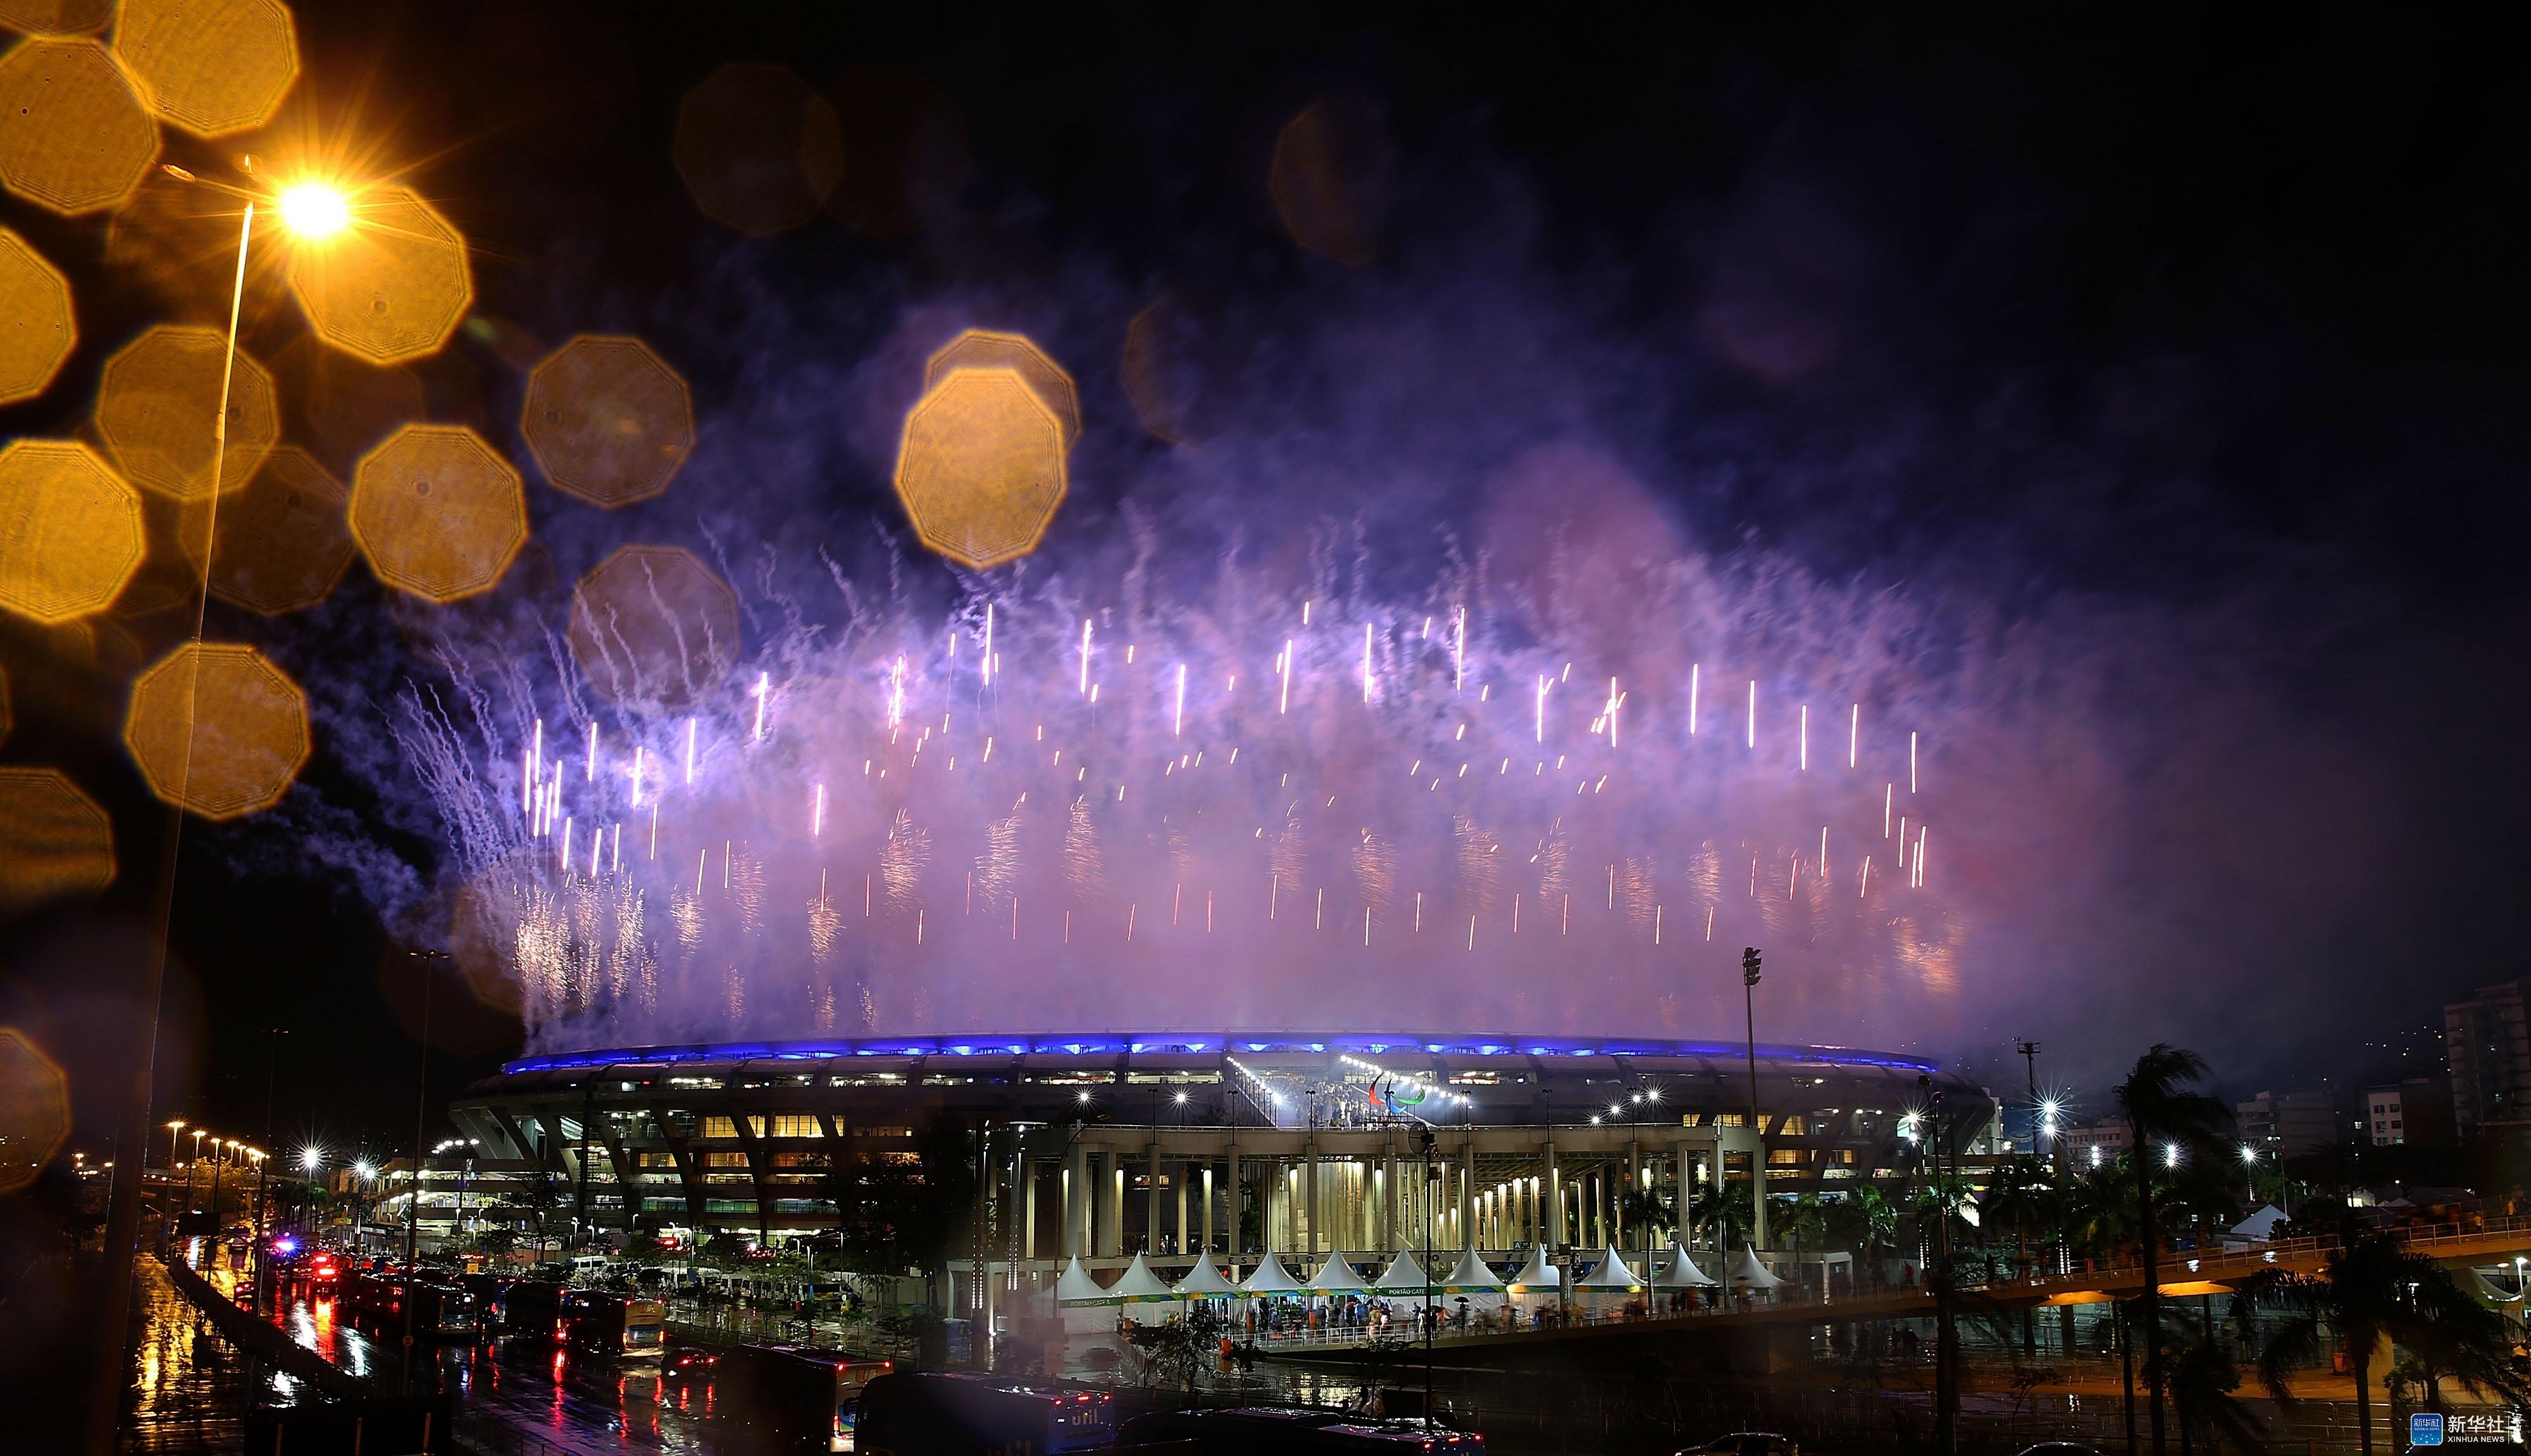 第十五届残奥会开幕 9月7日,第十五届夏季残疾人奥林匹克运动会开幕式在巴西里约热内卢马拉卡纳体育场举行。图为开幕式上的焰火表演。 新华社记者李明摄